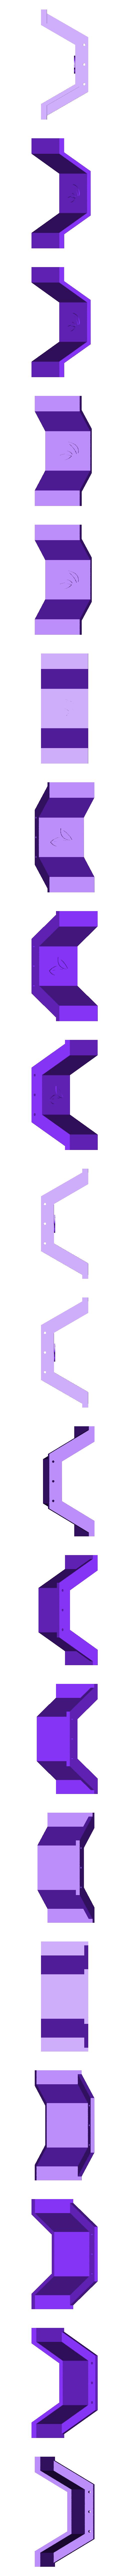 wallplanter_sisi_top.stl Télécharger fichier STL Moule hexagonal en béton pour jardinières murales v1 • Design à imprimer en 3D, haya_farm